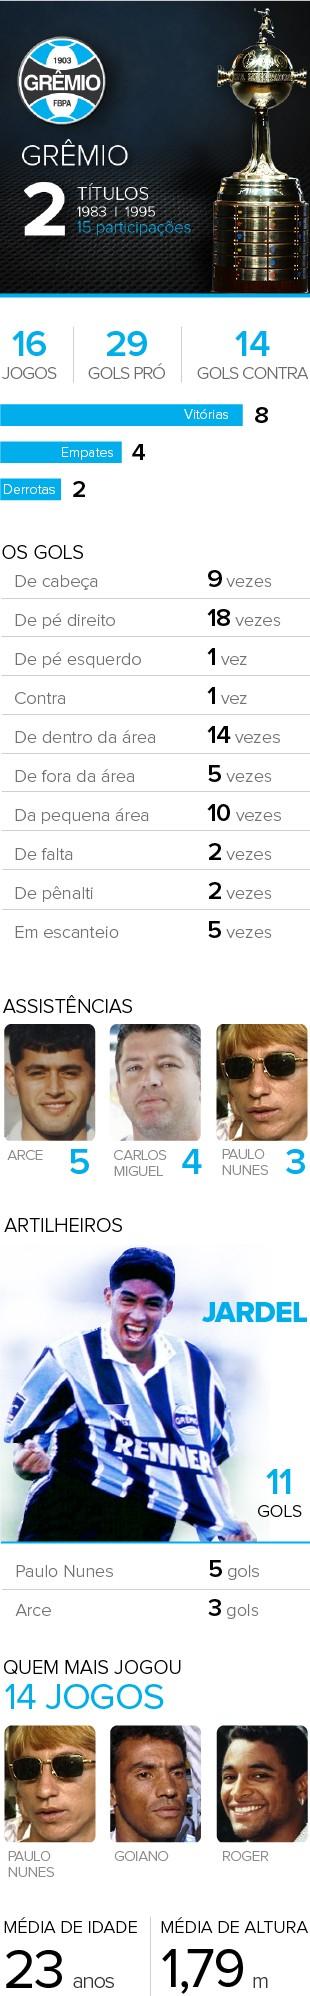 Info Grêmio 20 anos Bicampeonato Libertadores (Foto: Infoesporte)